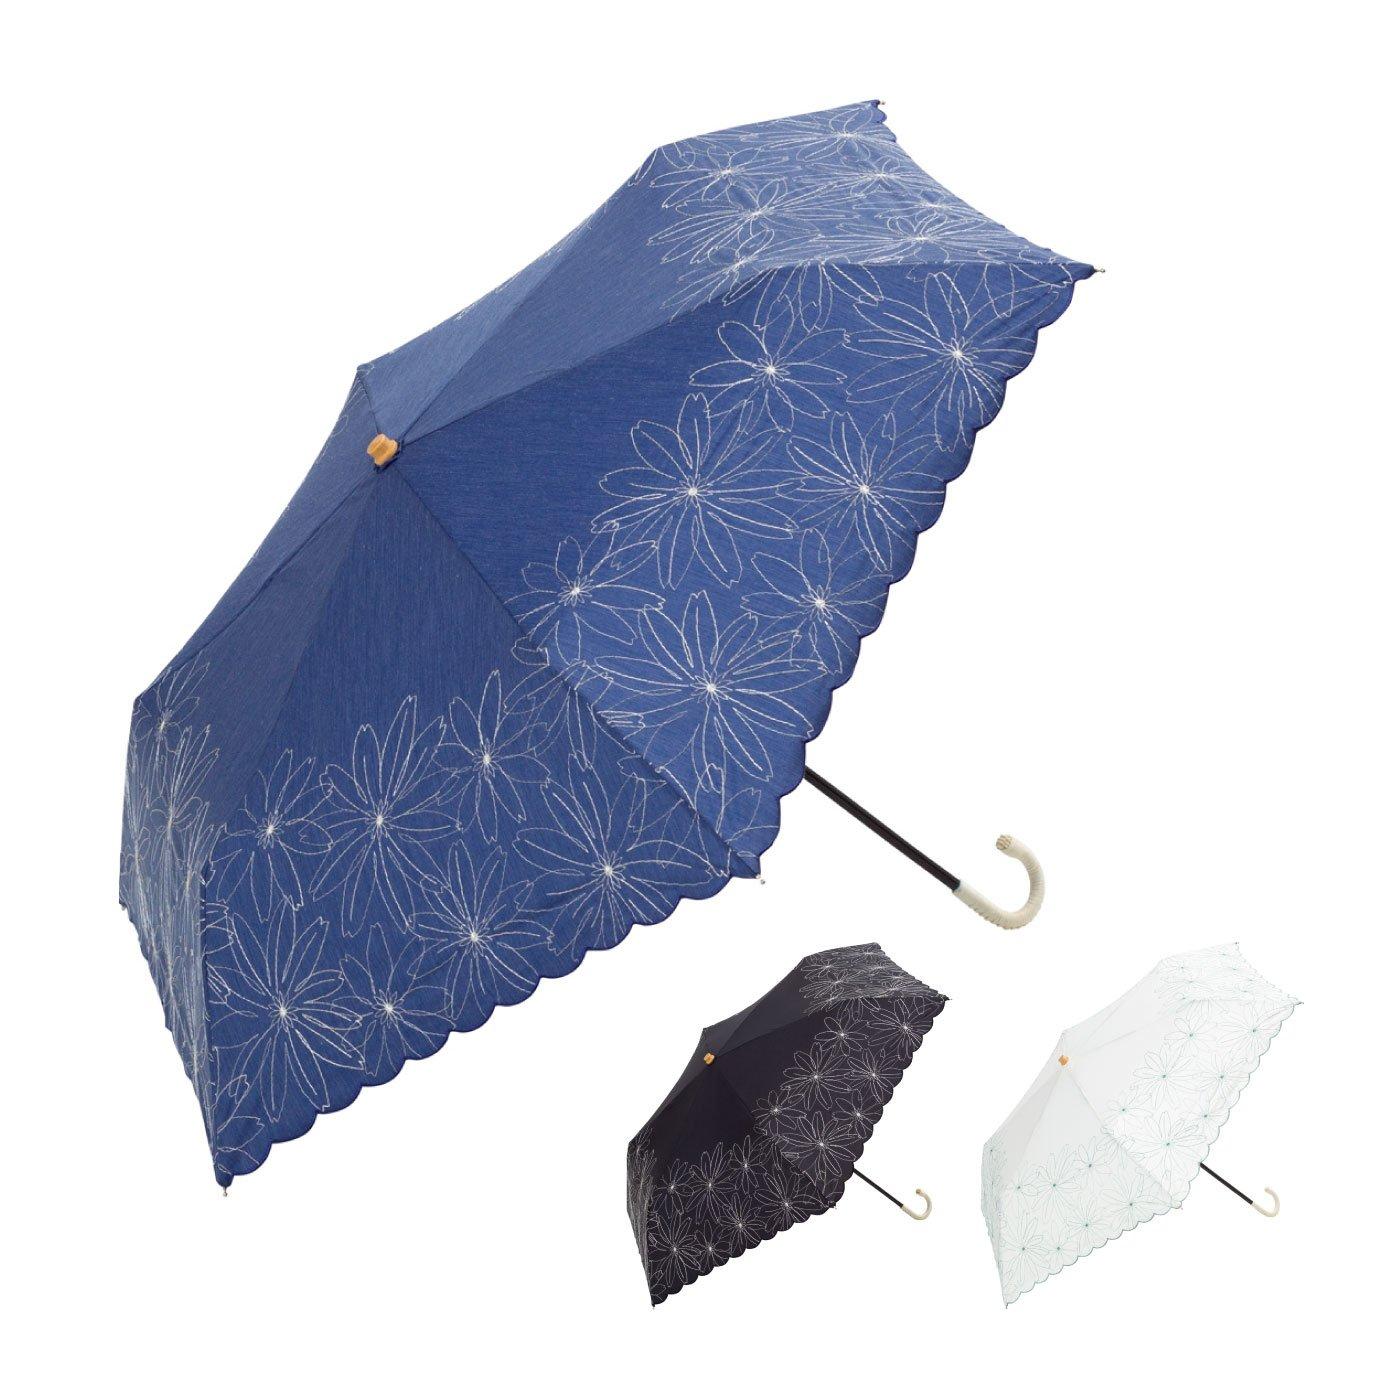 かわいくて上品なマーガレット刺繍折りたたみ傘